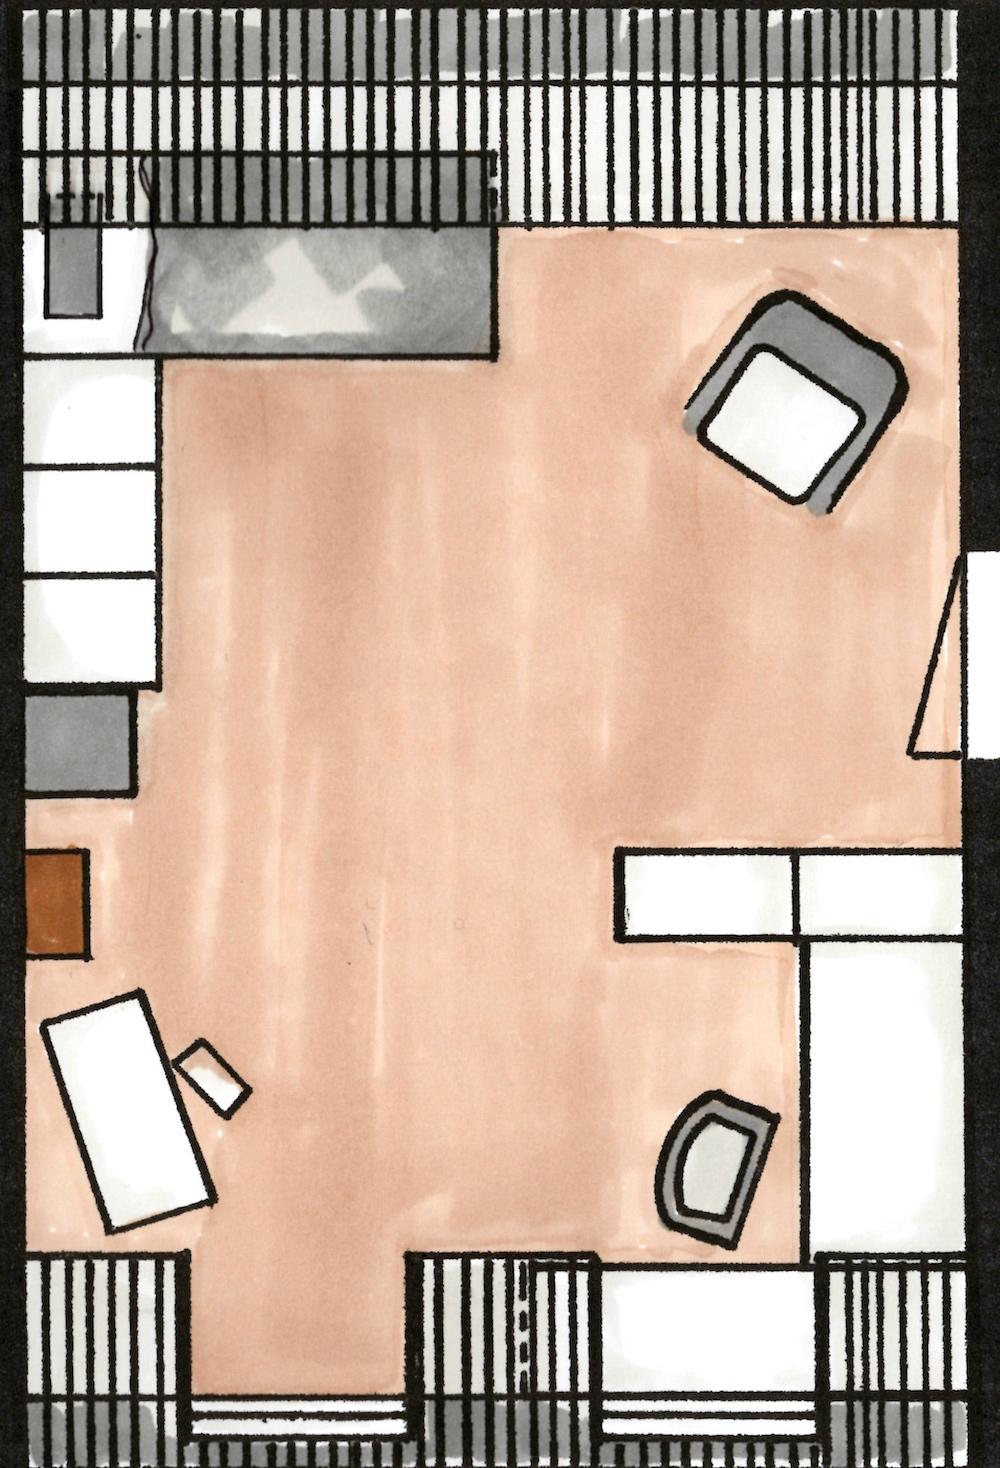 Slaapkamerruil StylingID - 2D tekening meisjeskamer